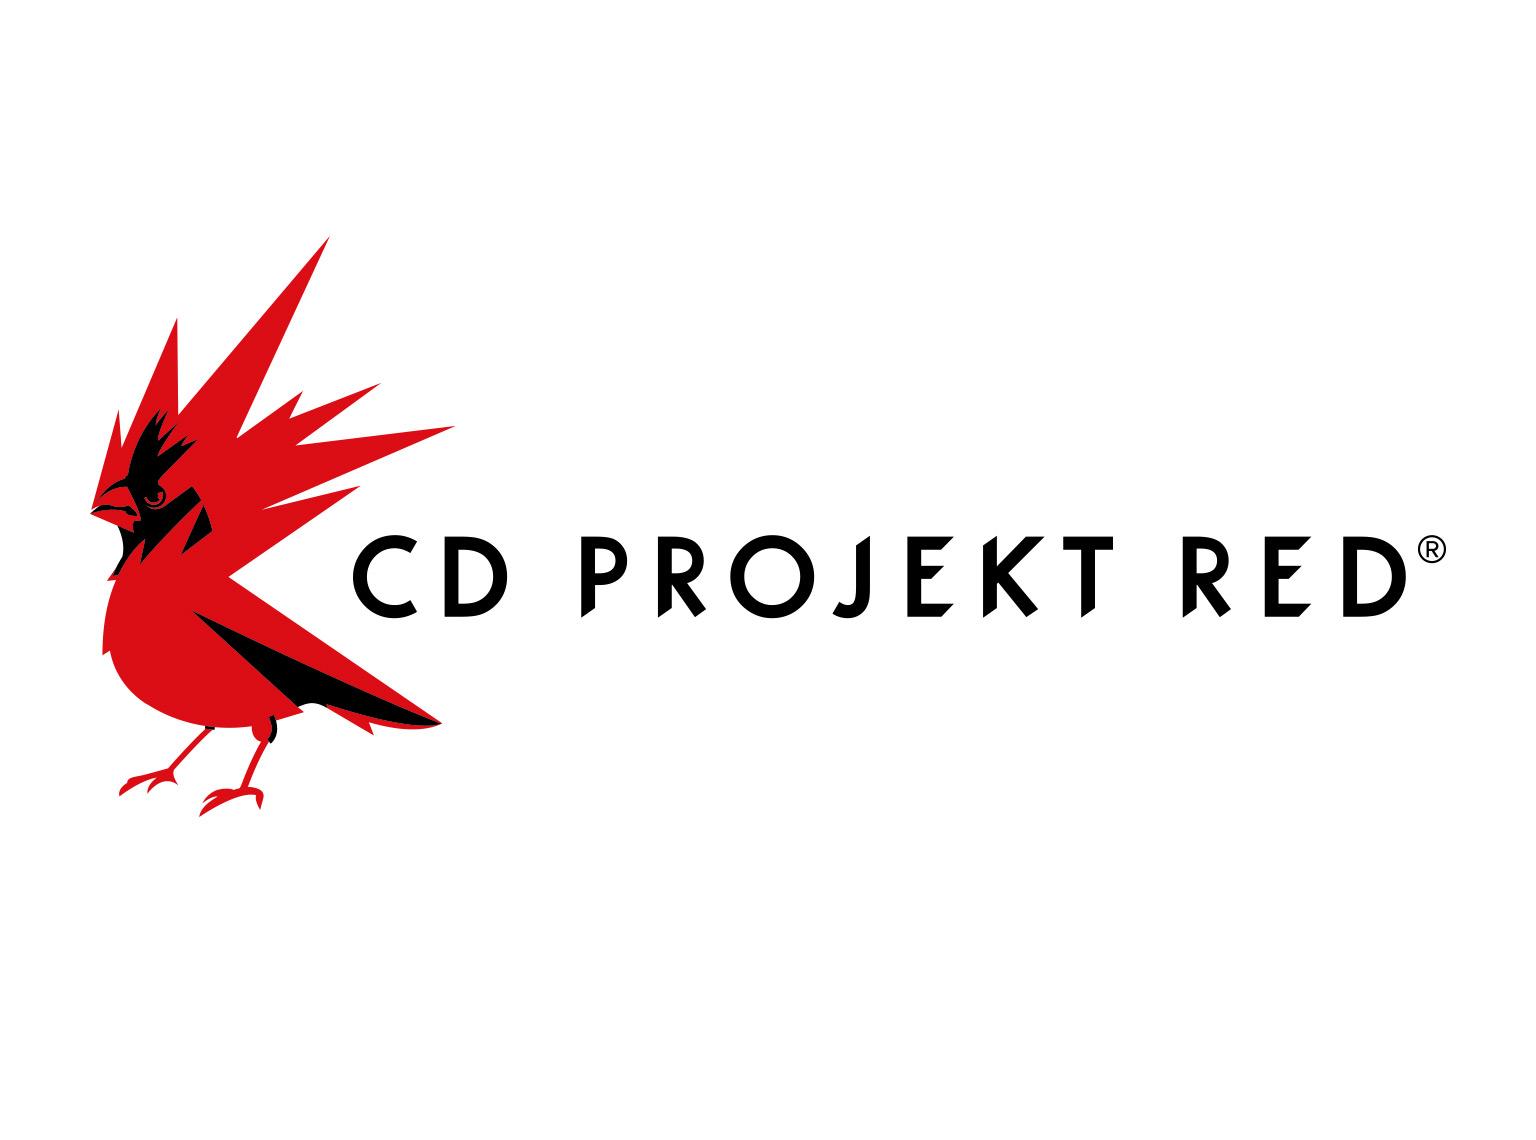 Стоит ли приобретать акции CD projekt red